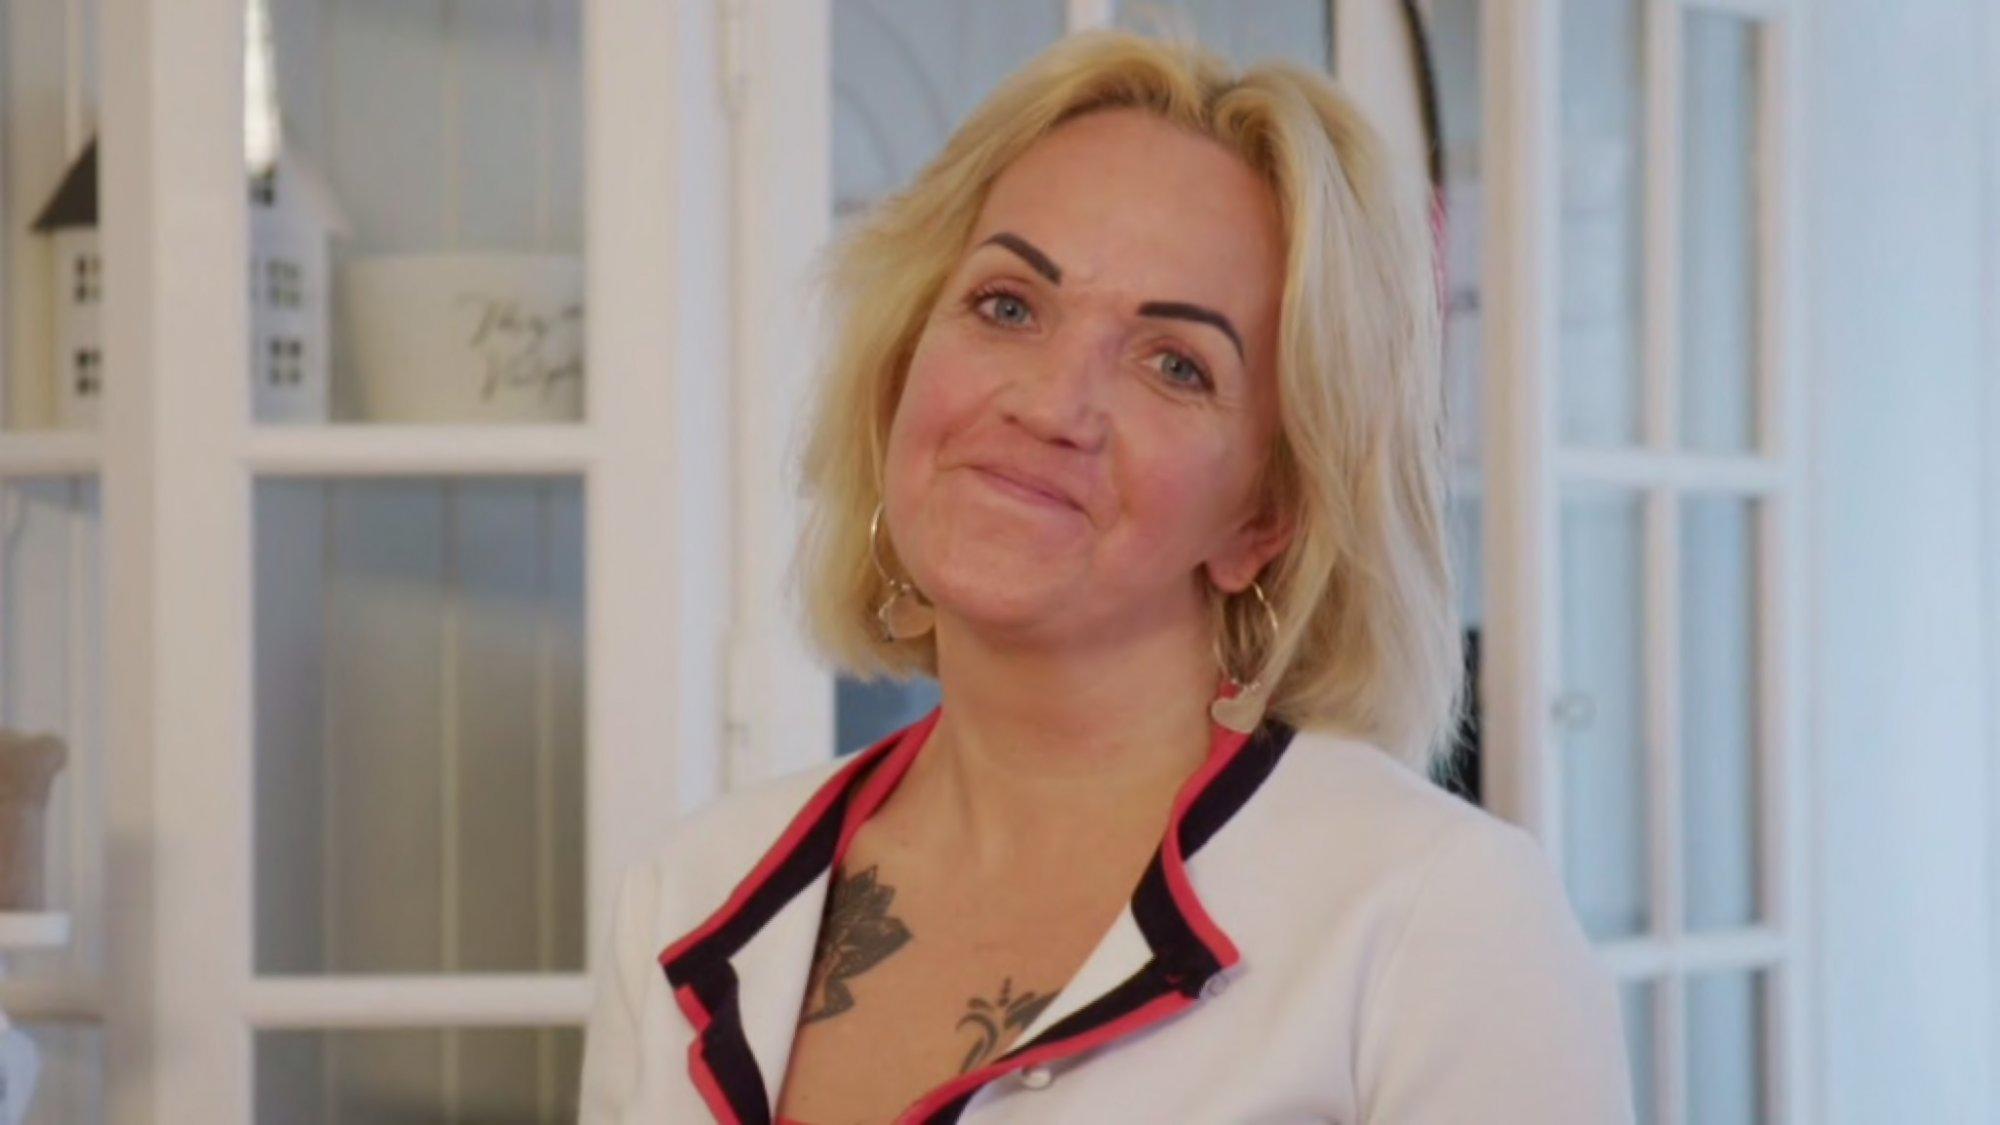 Chantal uit MAFS opgenomen in ziekenhuis met leverontsteking - RTL Boulevard